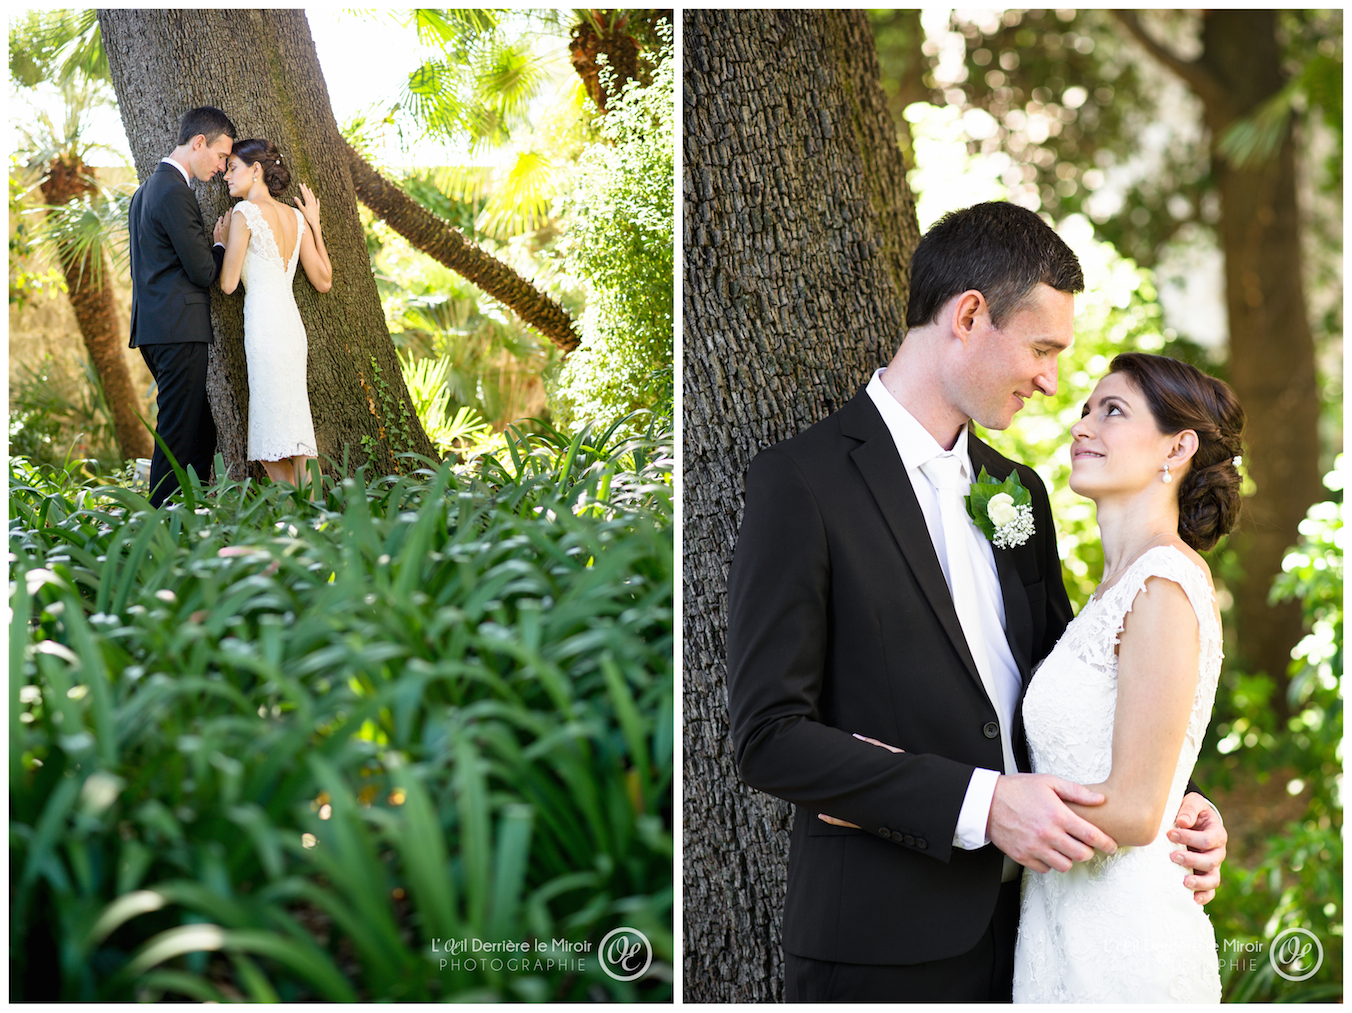 photographe-mariage-006